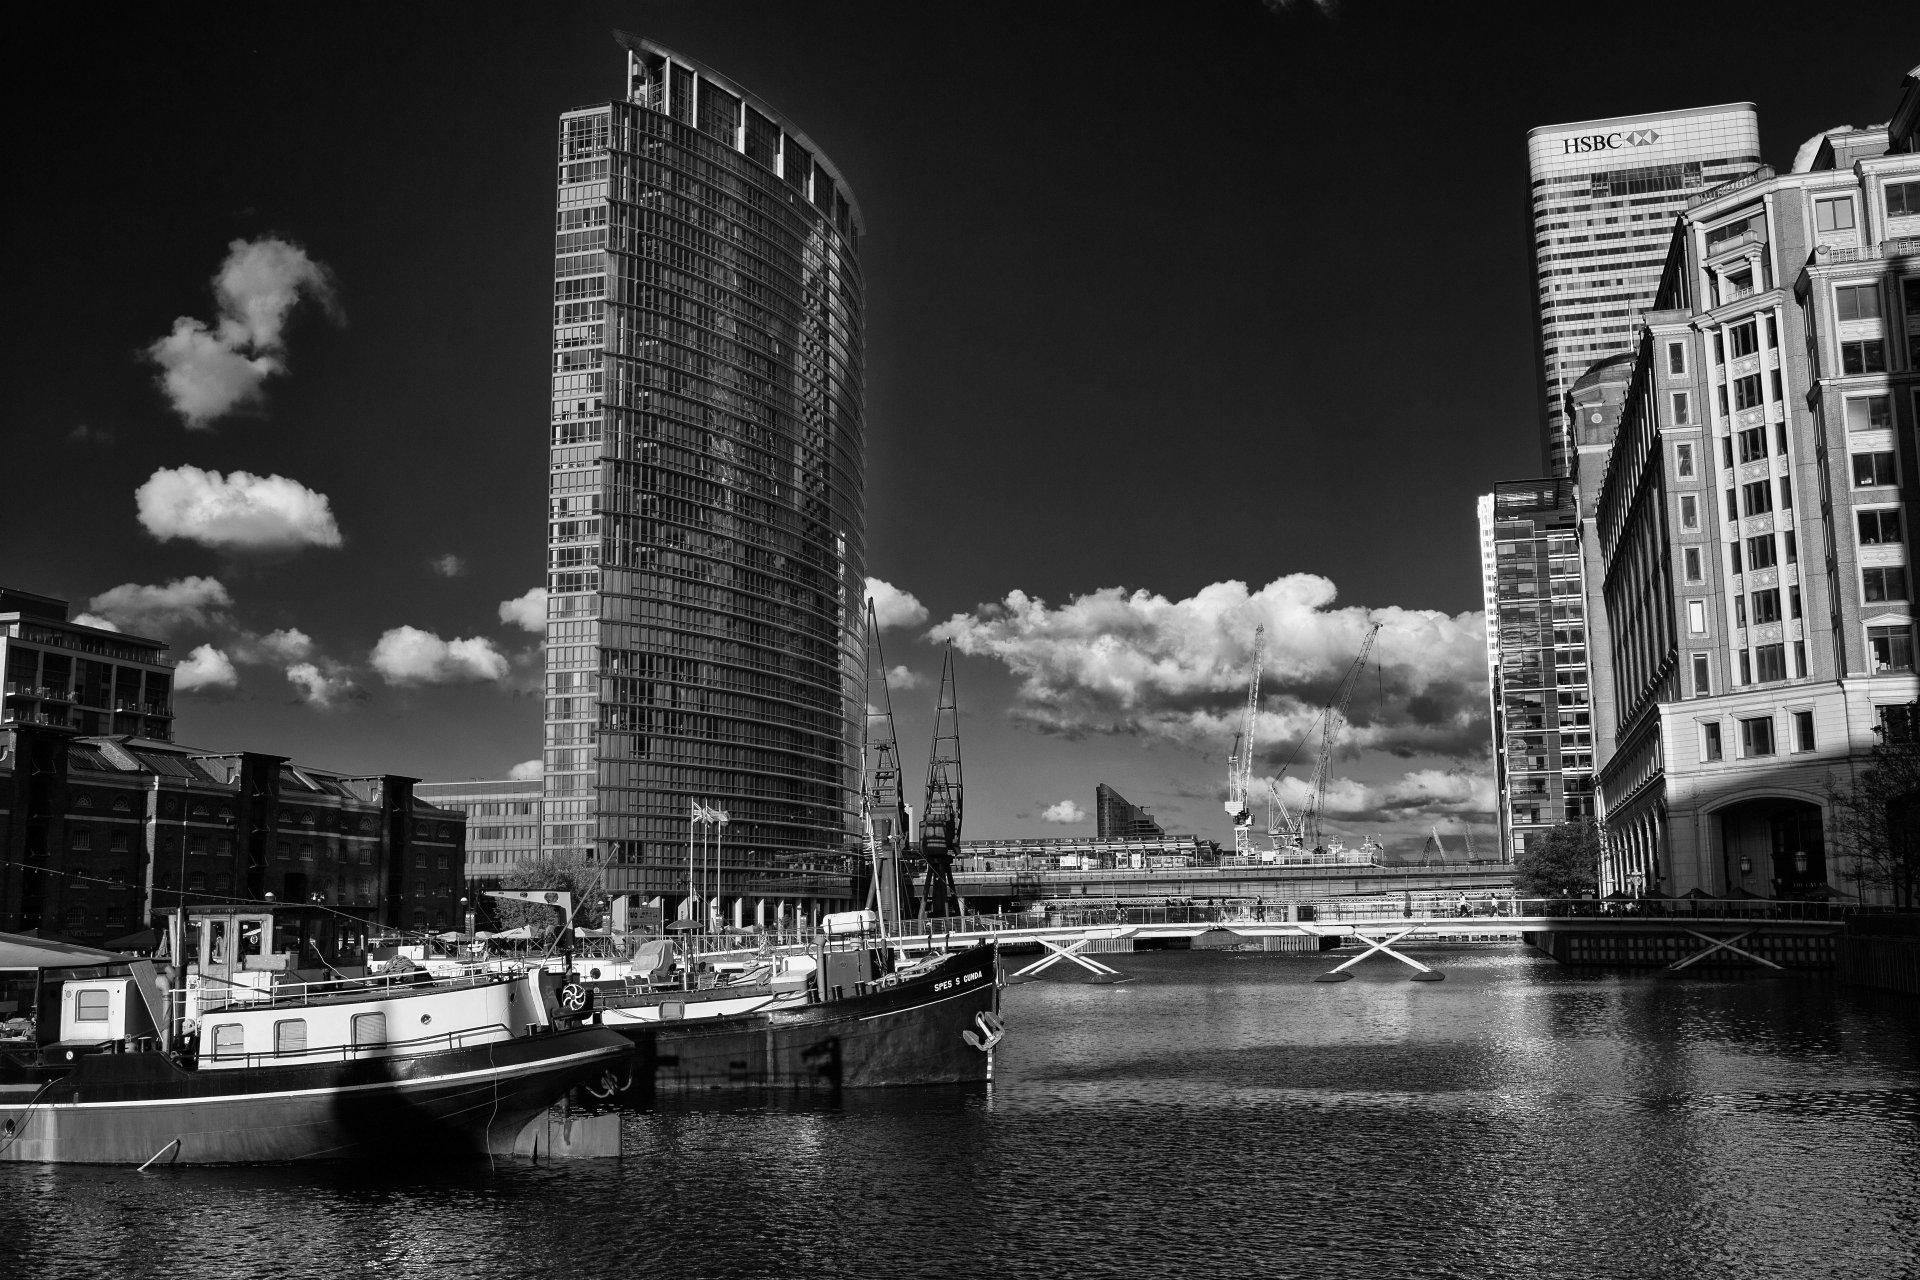 браслет черно-белая картинка города на реке монро